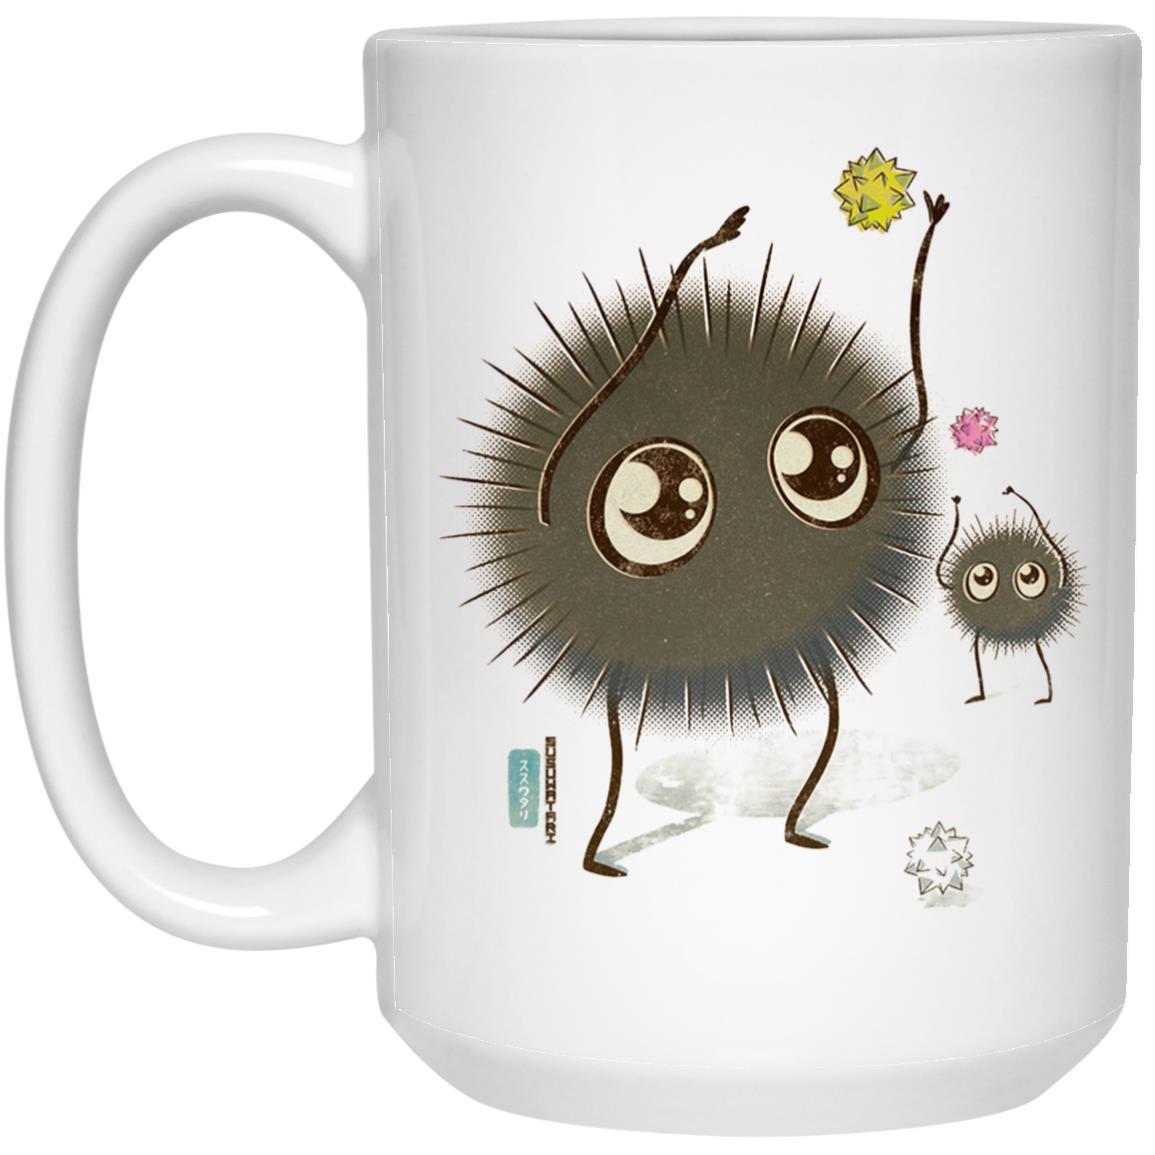 Spirited Away – Soot Spirit Chibi Mug